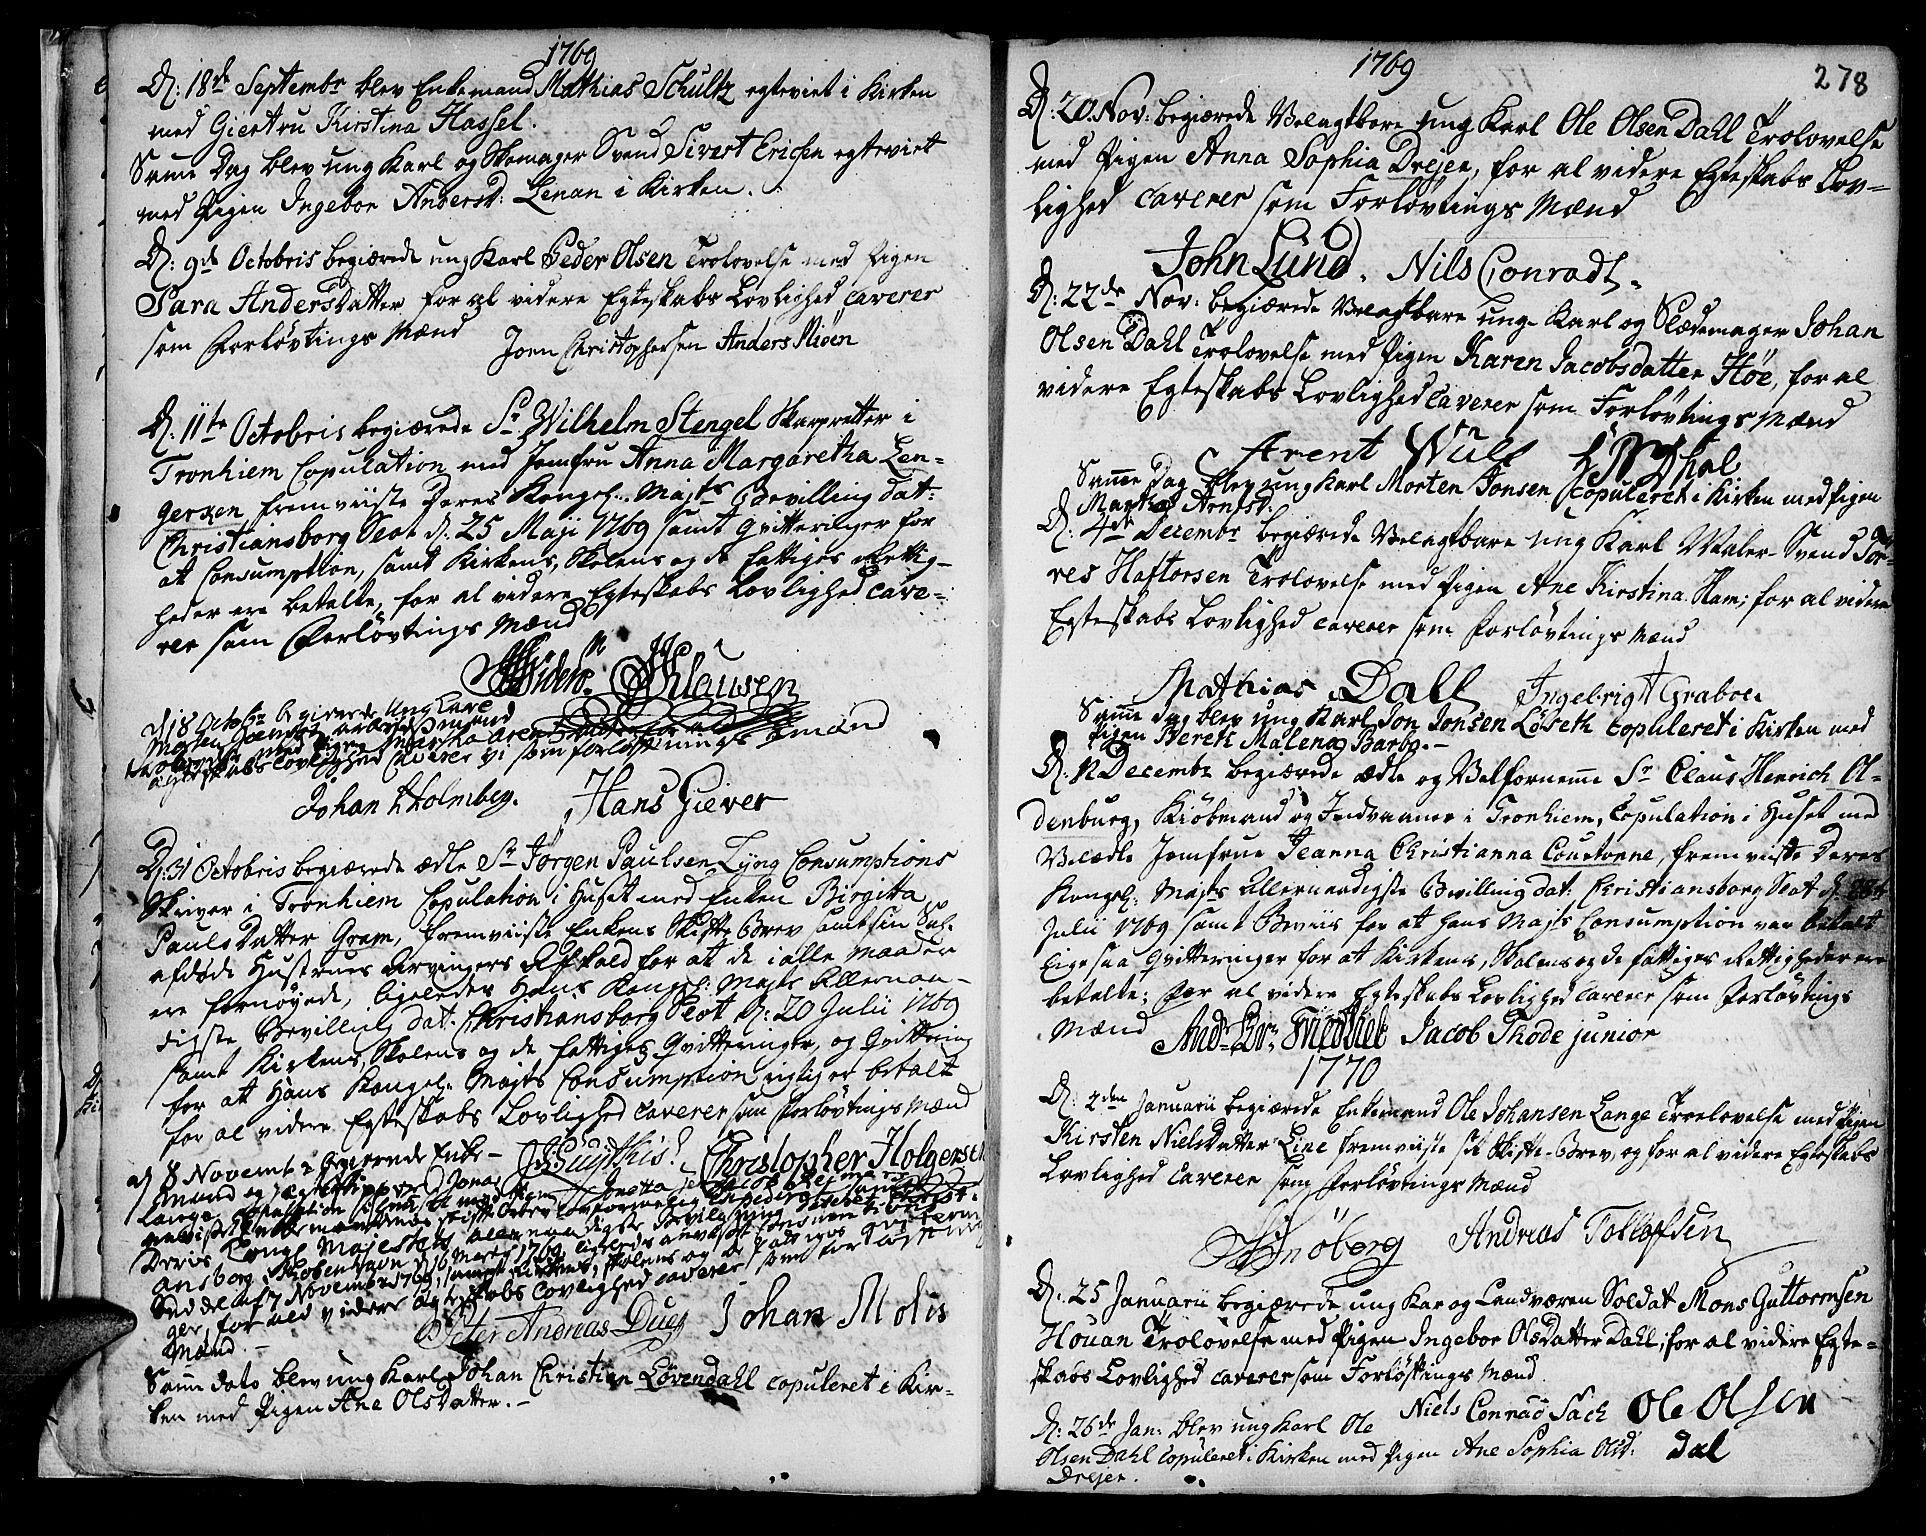 SAT, Ministerialprotokoller, klokkerbøker og fødselsregistre - Sør-Trøndelag, 601/L0038: Ministerialbok nr. 601A06, 1766-1877, s. 278